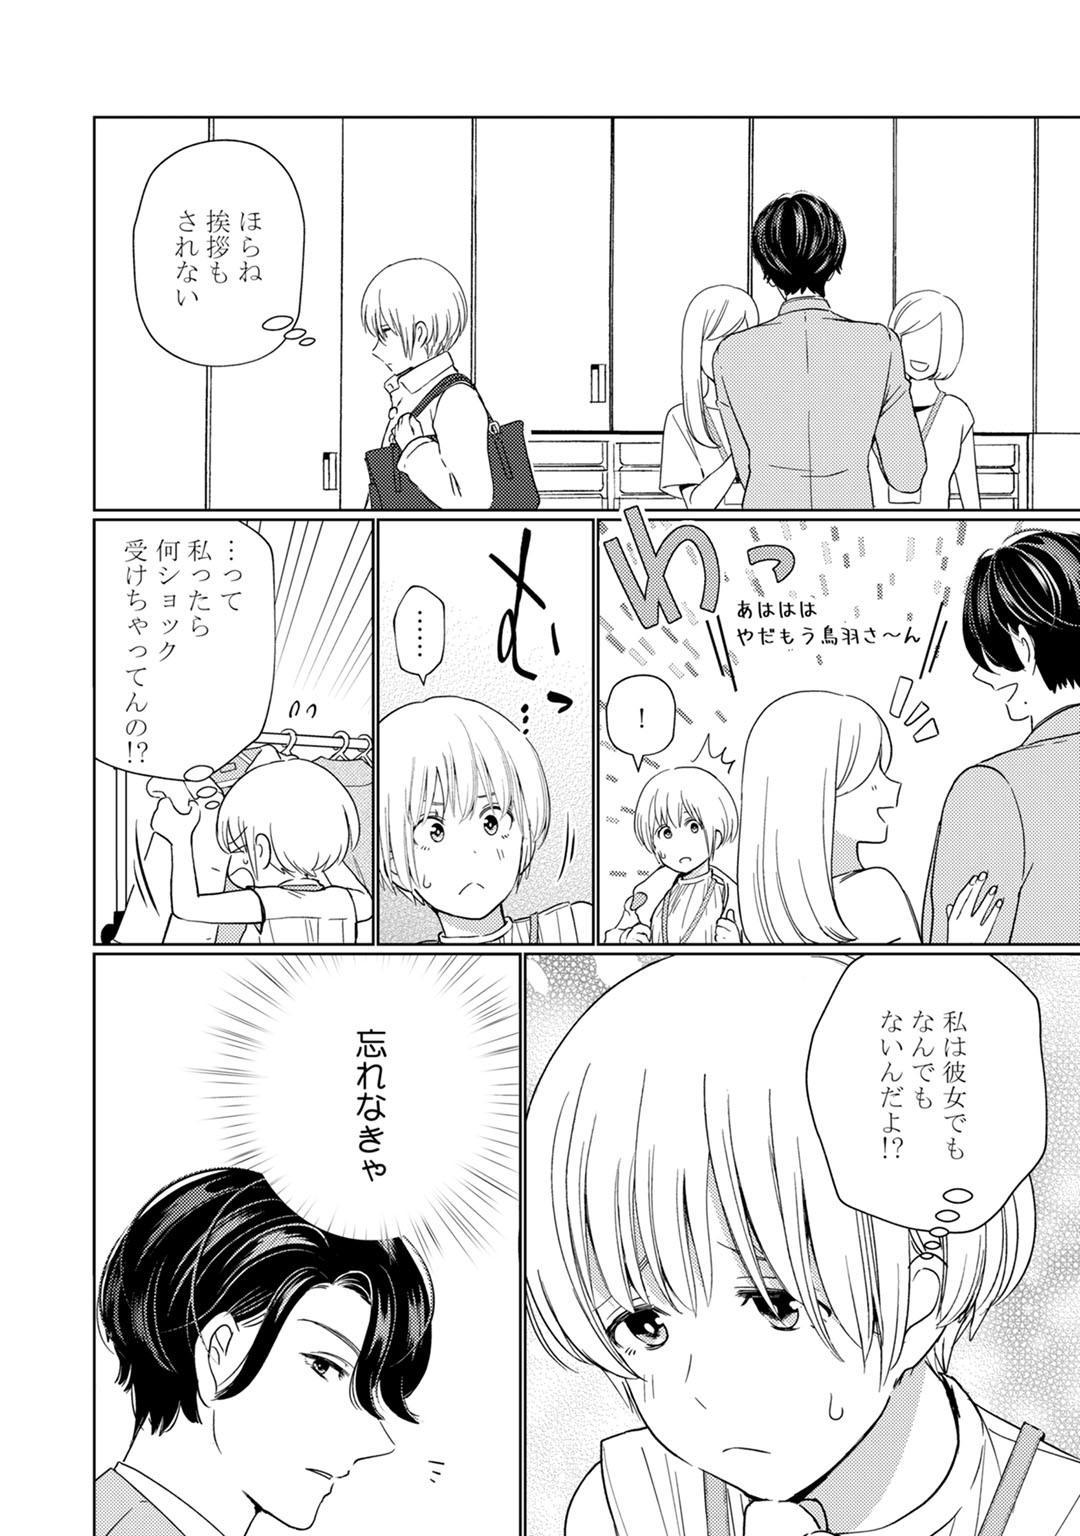 [Okonogi Happa] Kyonyuu-chan to Kyokon Joushi -Kaisha de Musabori Sex- act. 2 7